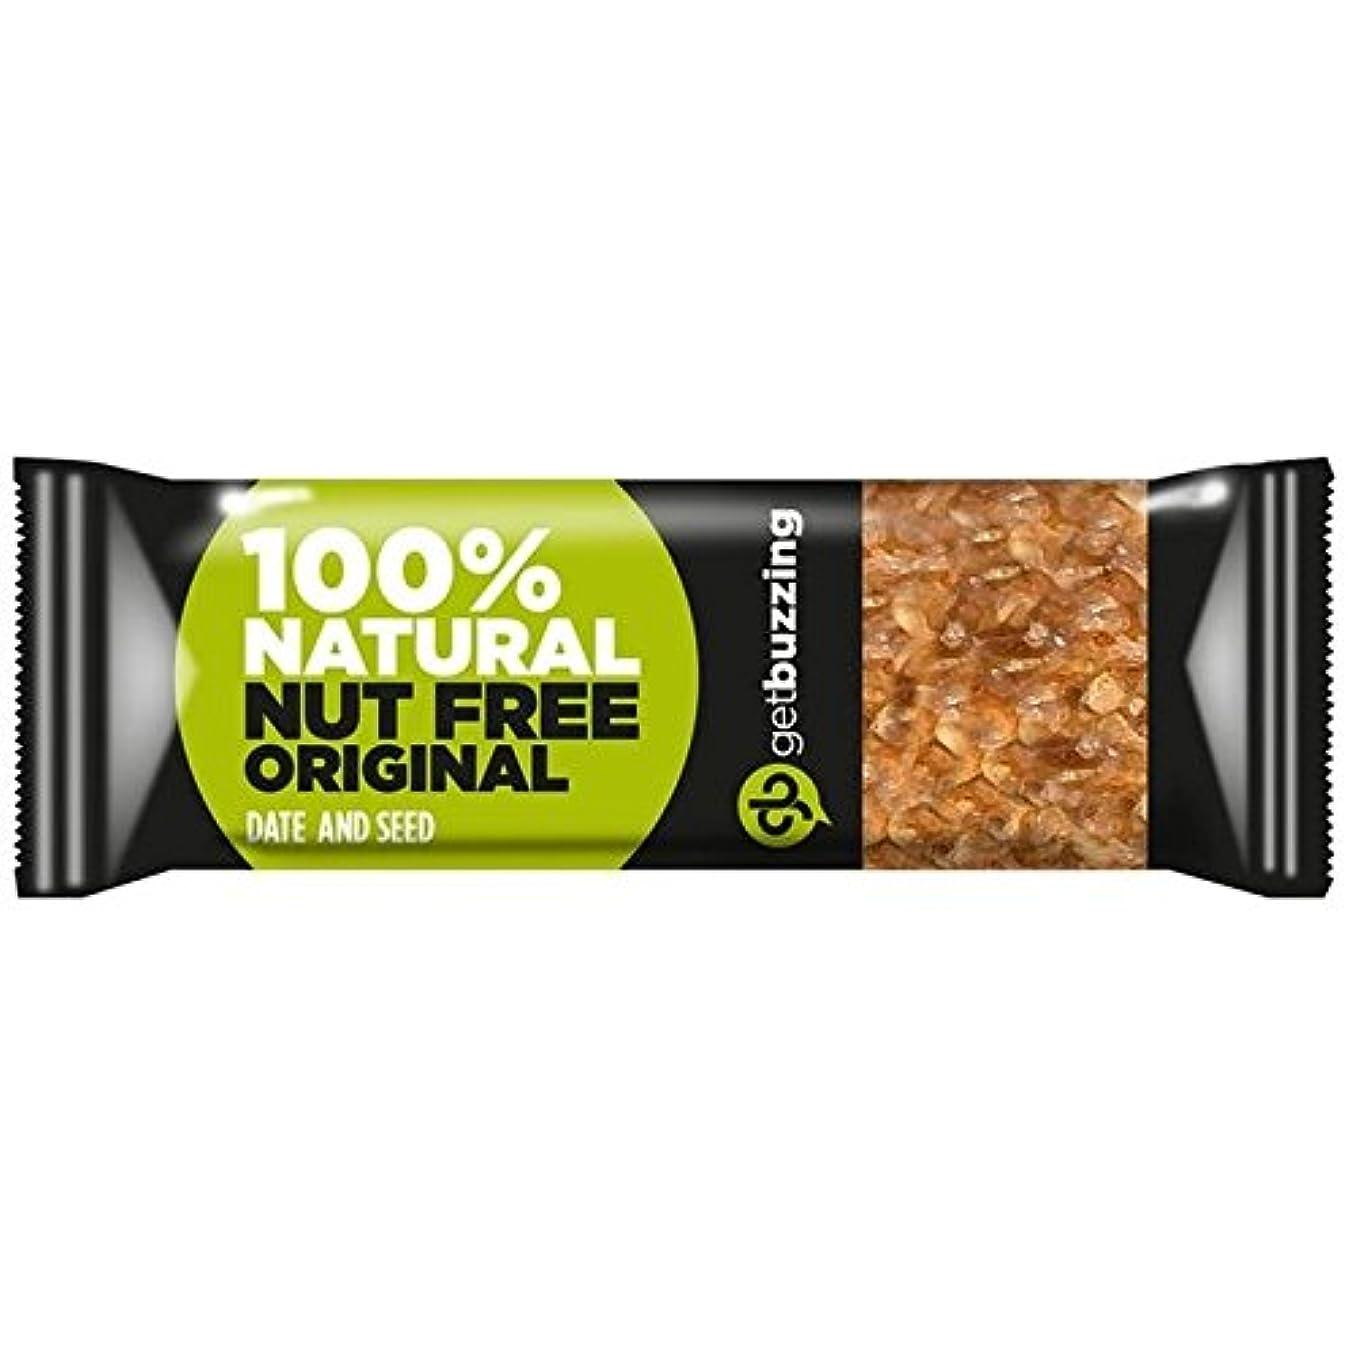 役に立たない精巧な息苦しいGetbuzzingナット無料のオリジナルバー62グラム (x 4) - Getbuzzing Nut Free Original Bar 62g (Pack of 4) [並行輸入品]